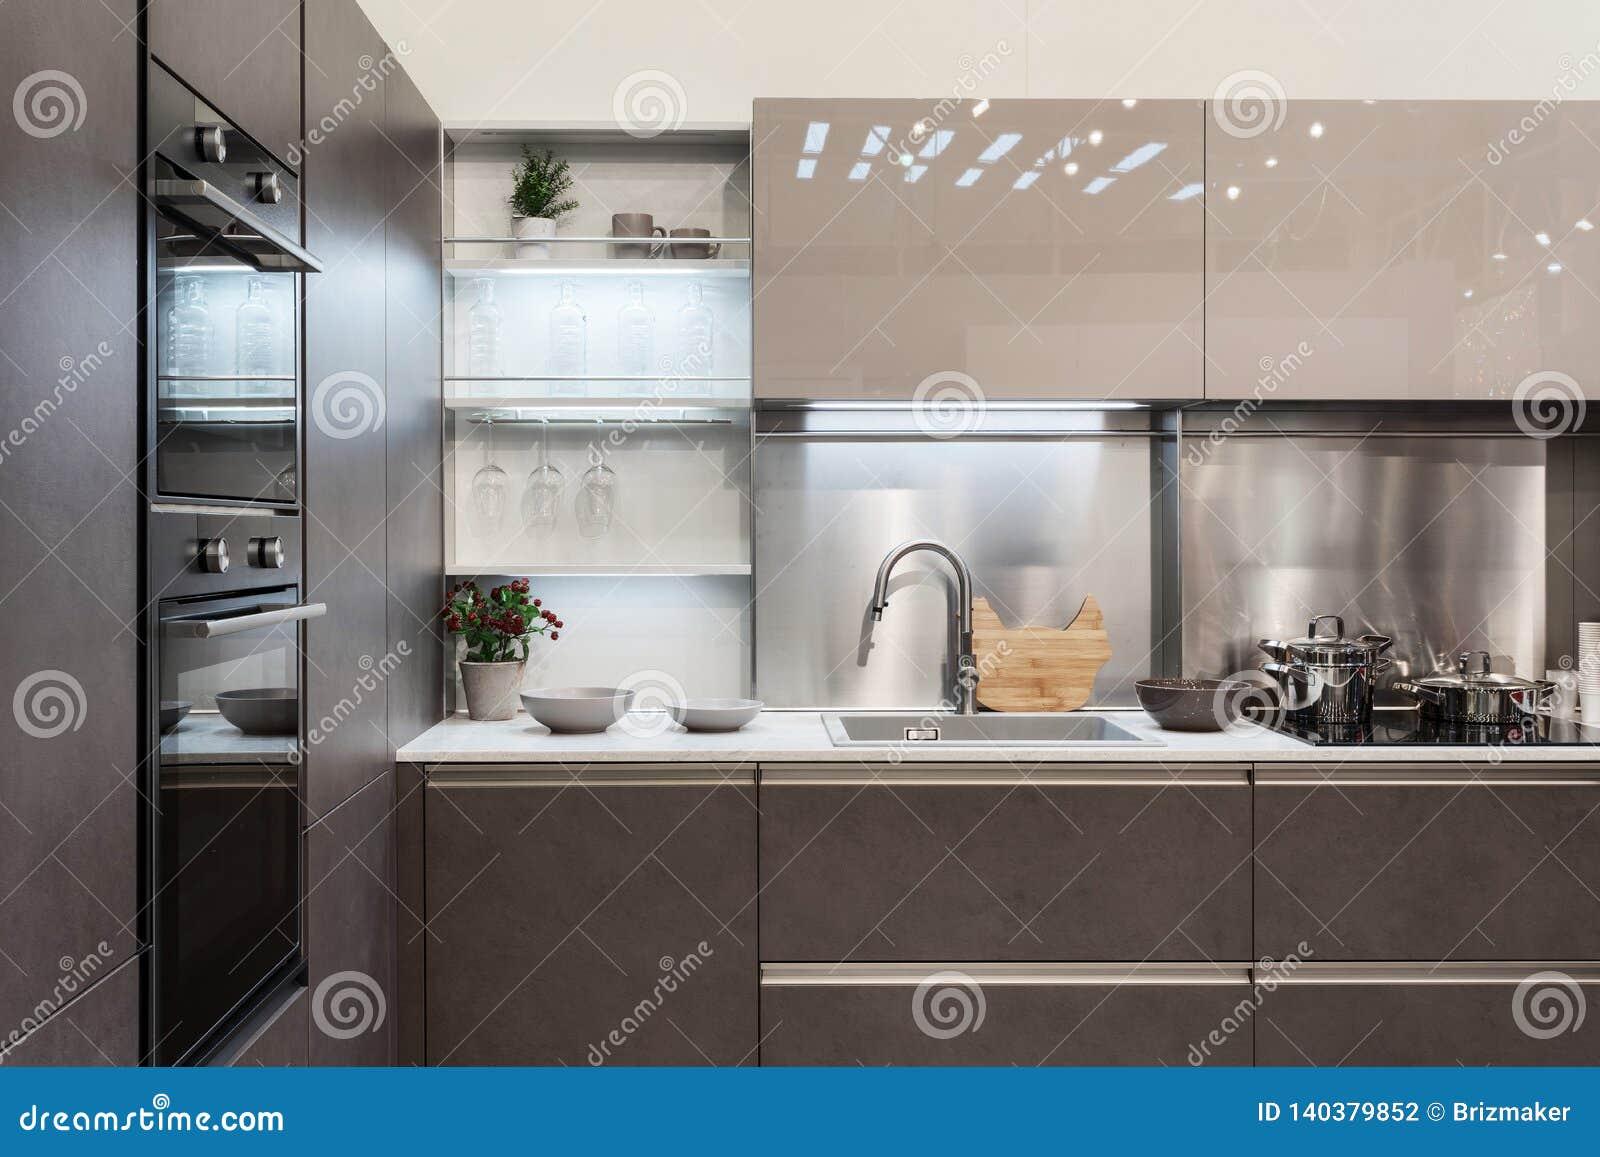 Cocina Moderna Ligera Interior Con Nuevos Muebles Foto de ...